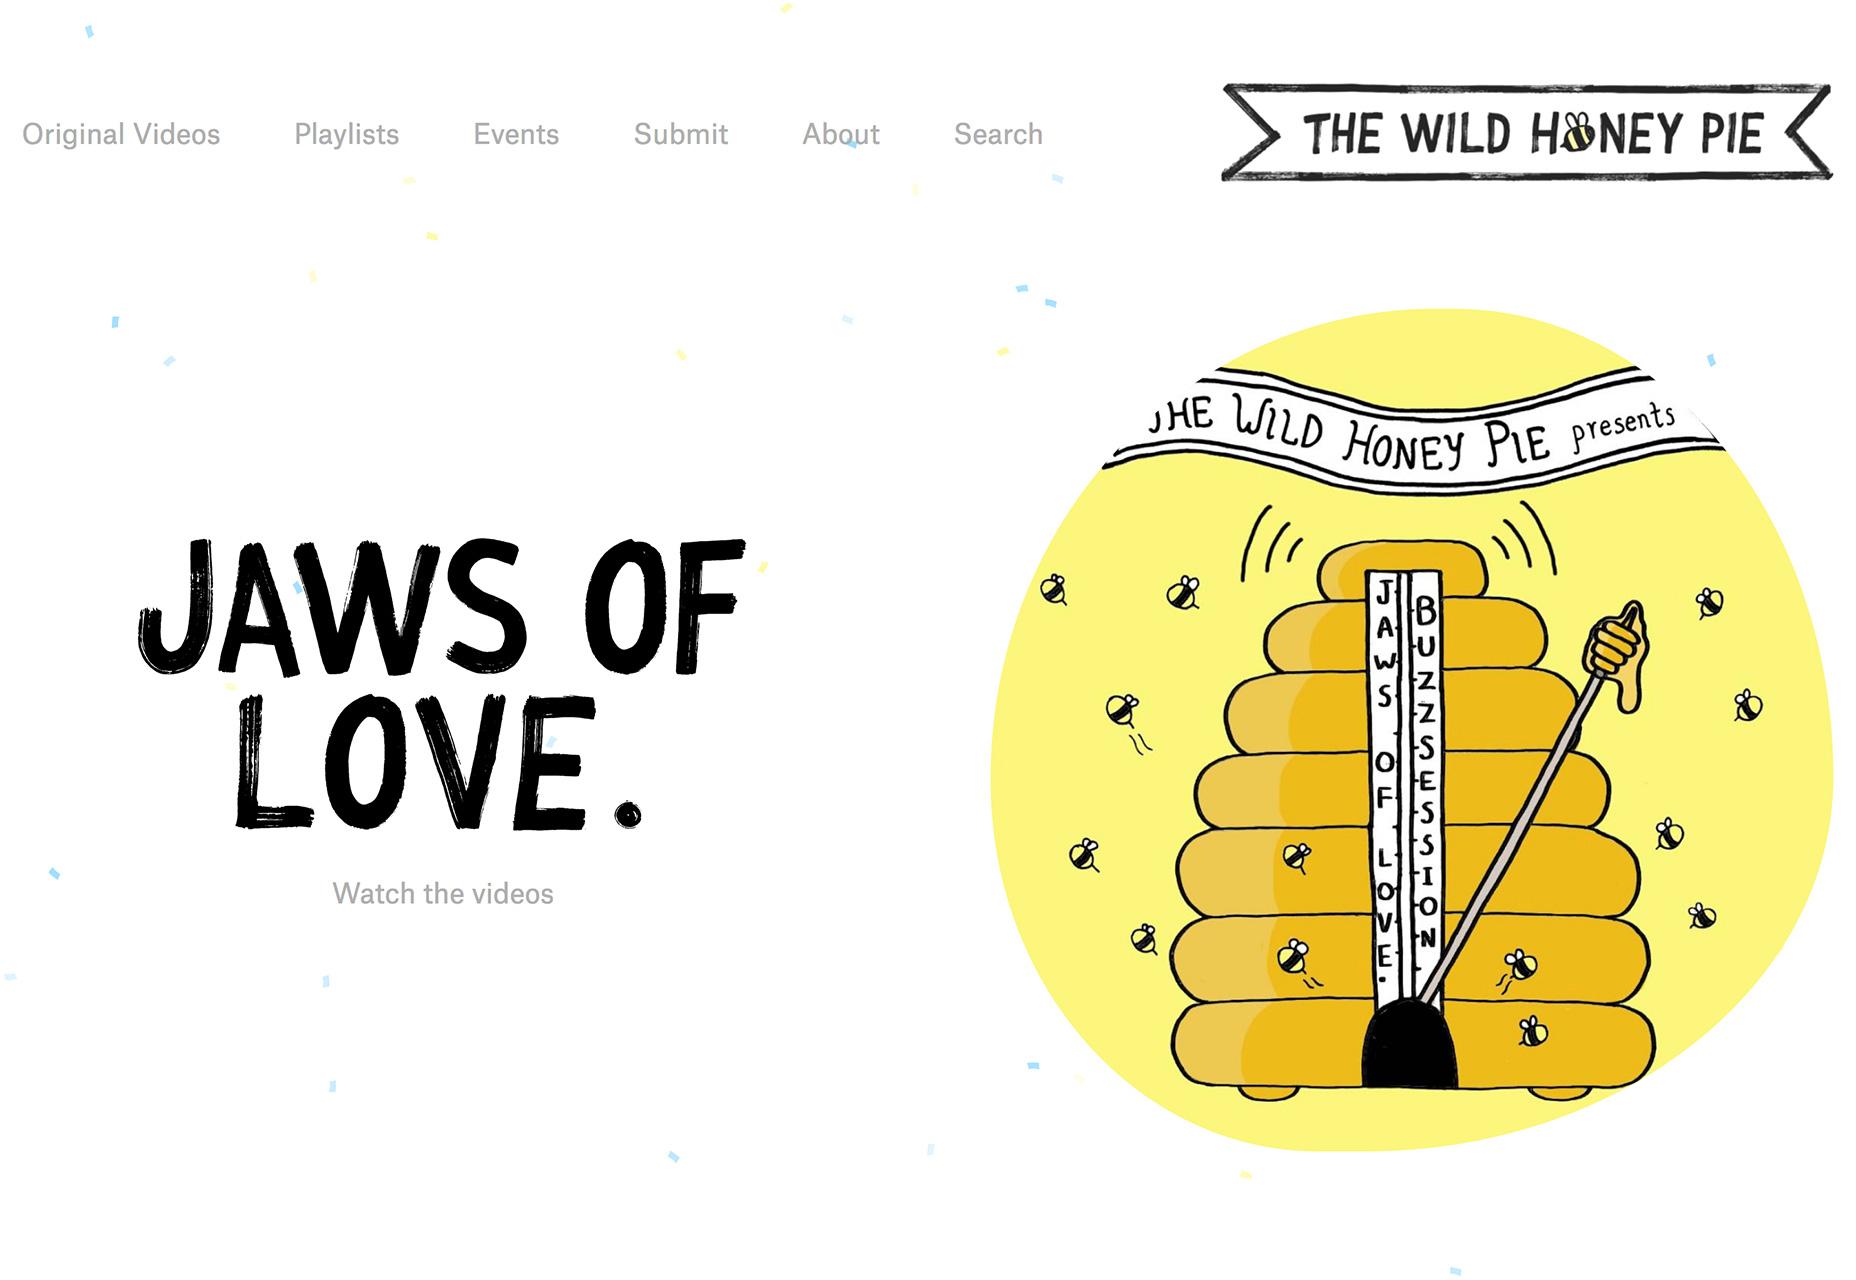 也许你该注意一下影响网页设计的这5个关键指标